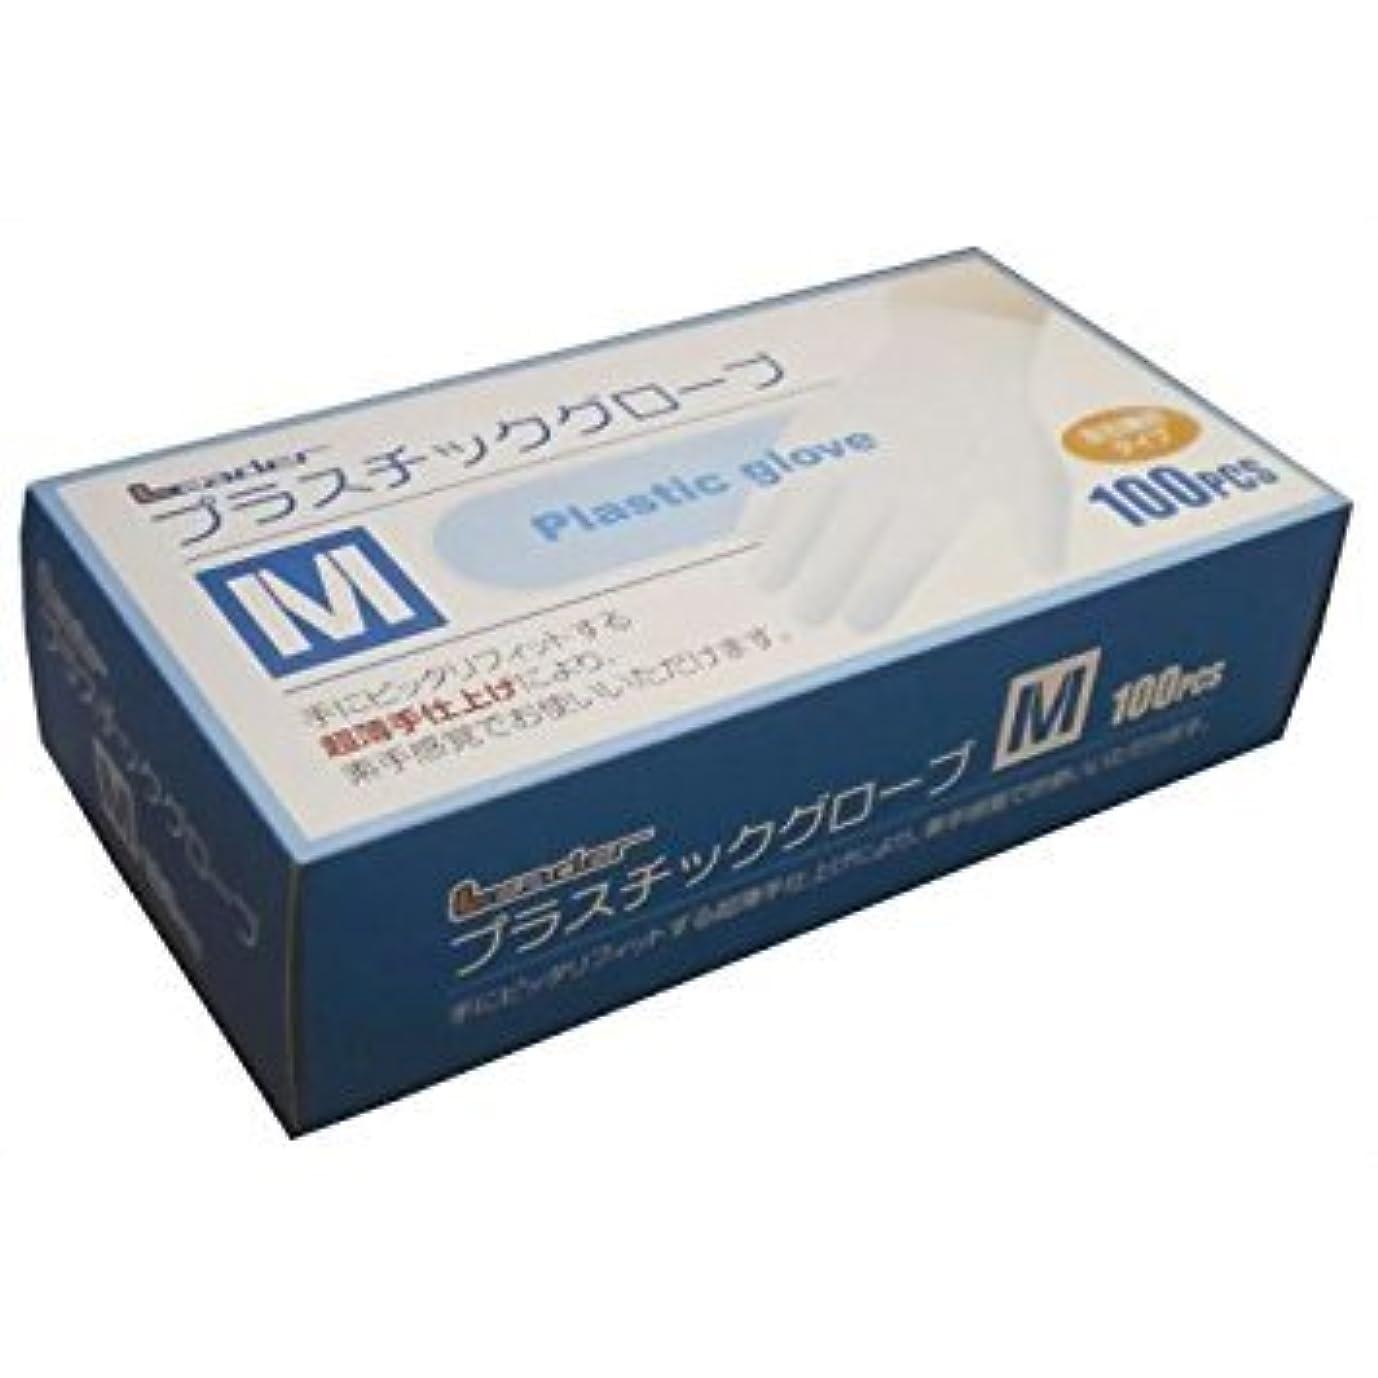 気になる柔らかい補助「梱売」リーダー プラスチックグローブ Mサイズ 100枚入x10箱セット